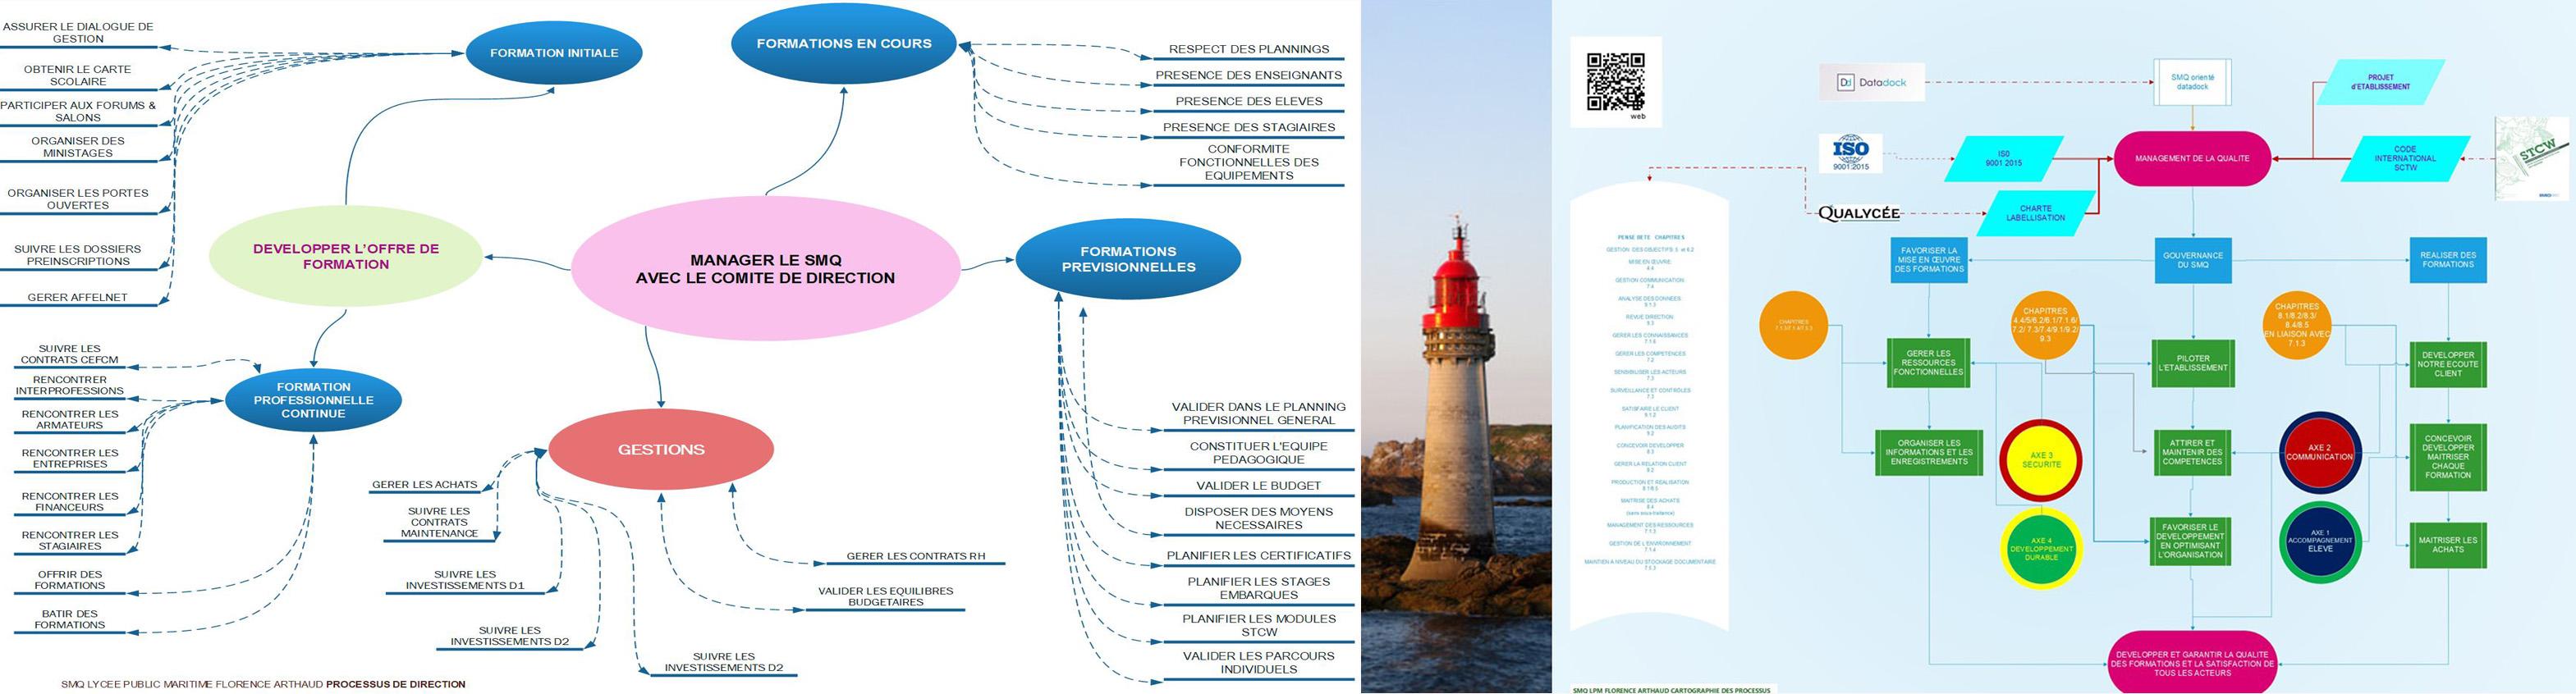 vers la certification ISO 9001 2015 – le référencement DATADOCK et de labélisation régionale Qualycée